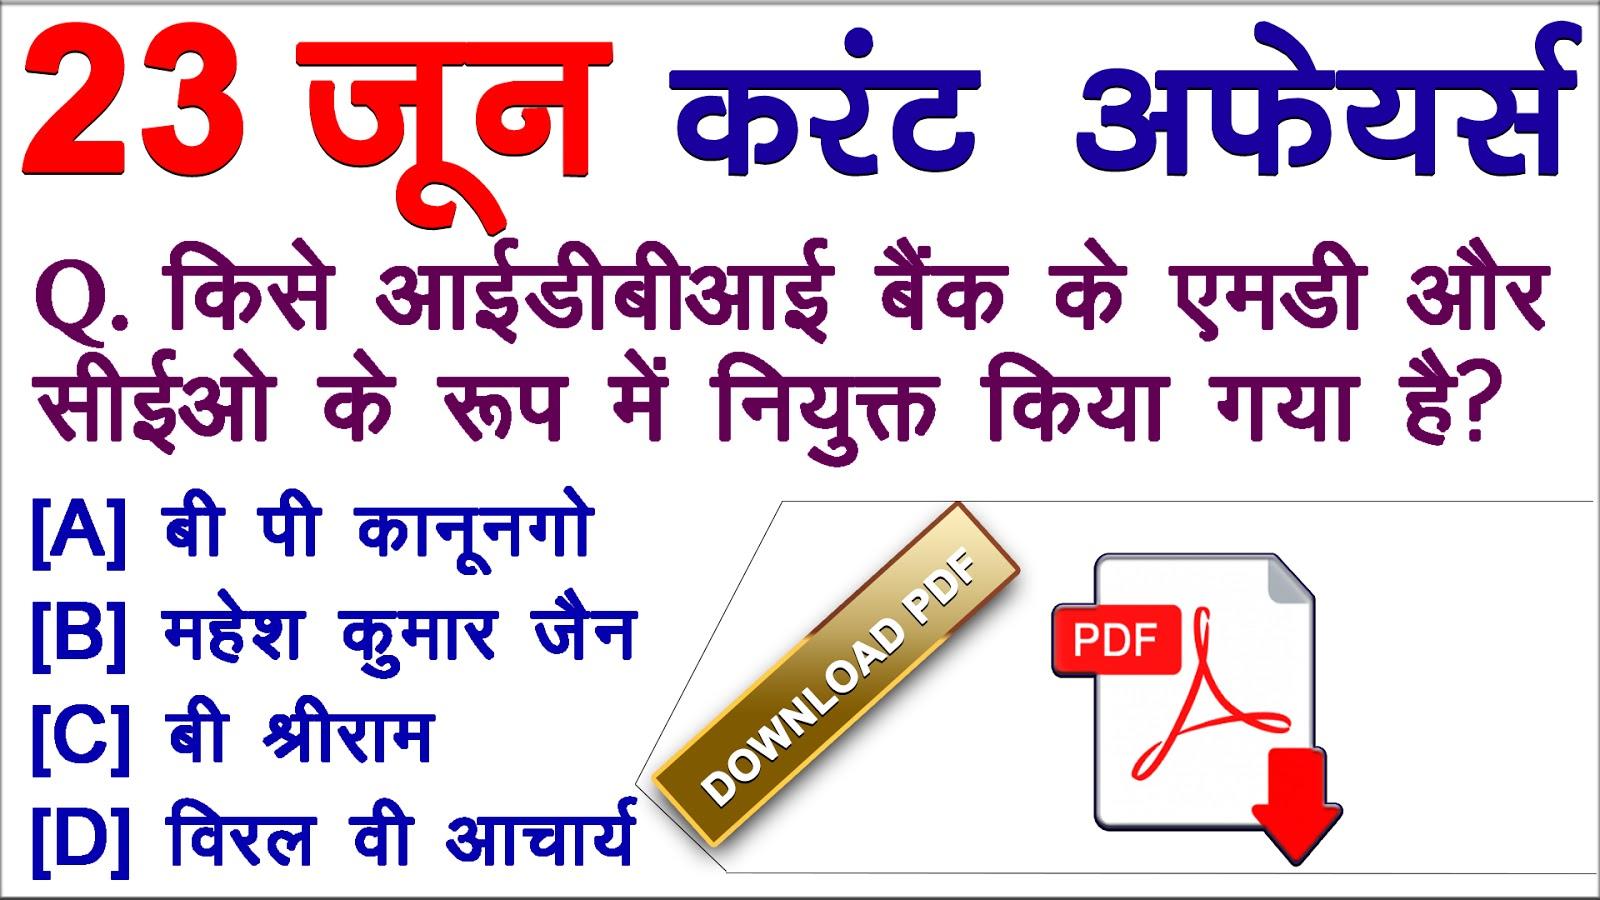 23 June Curent Affairs 2018 Quiz in Hindi